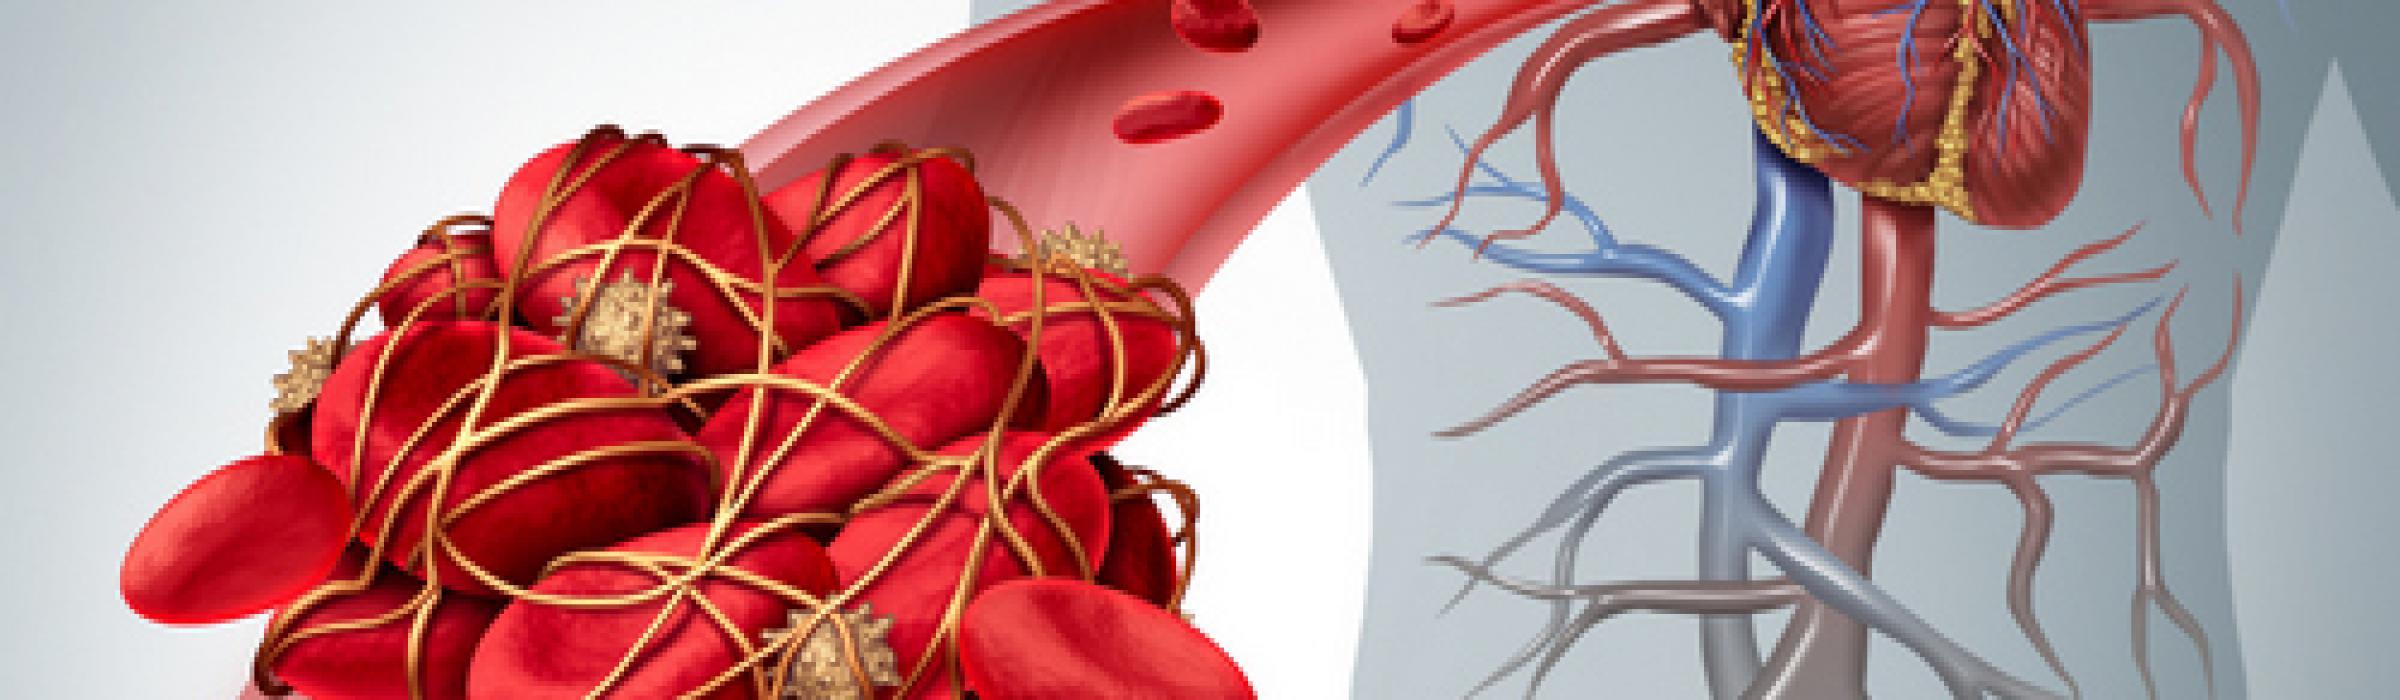 blodprop i lungen kritisk sygdom